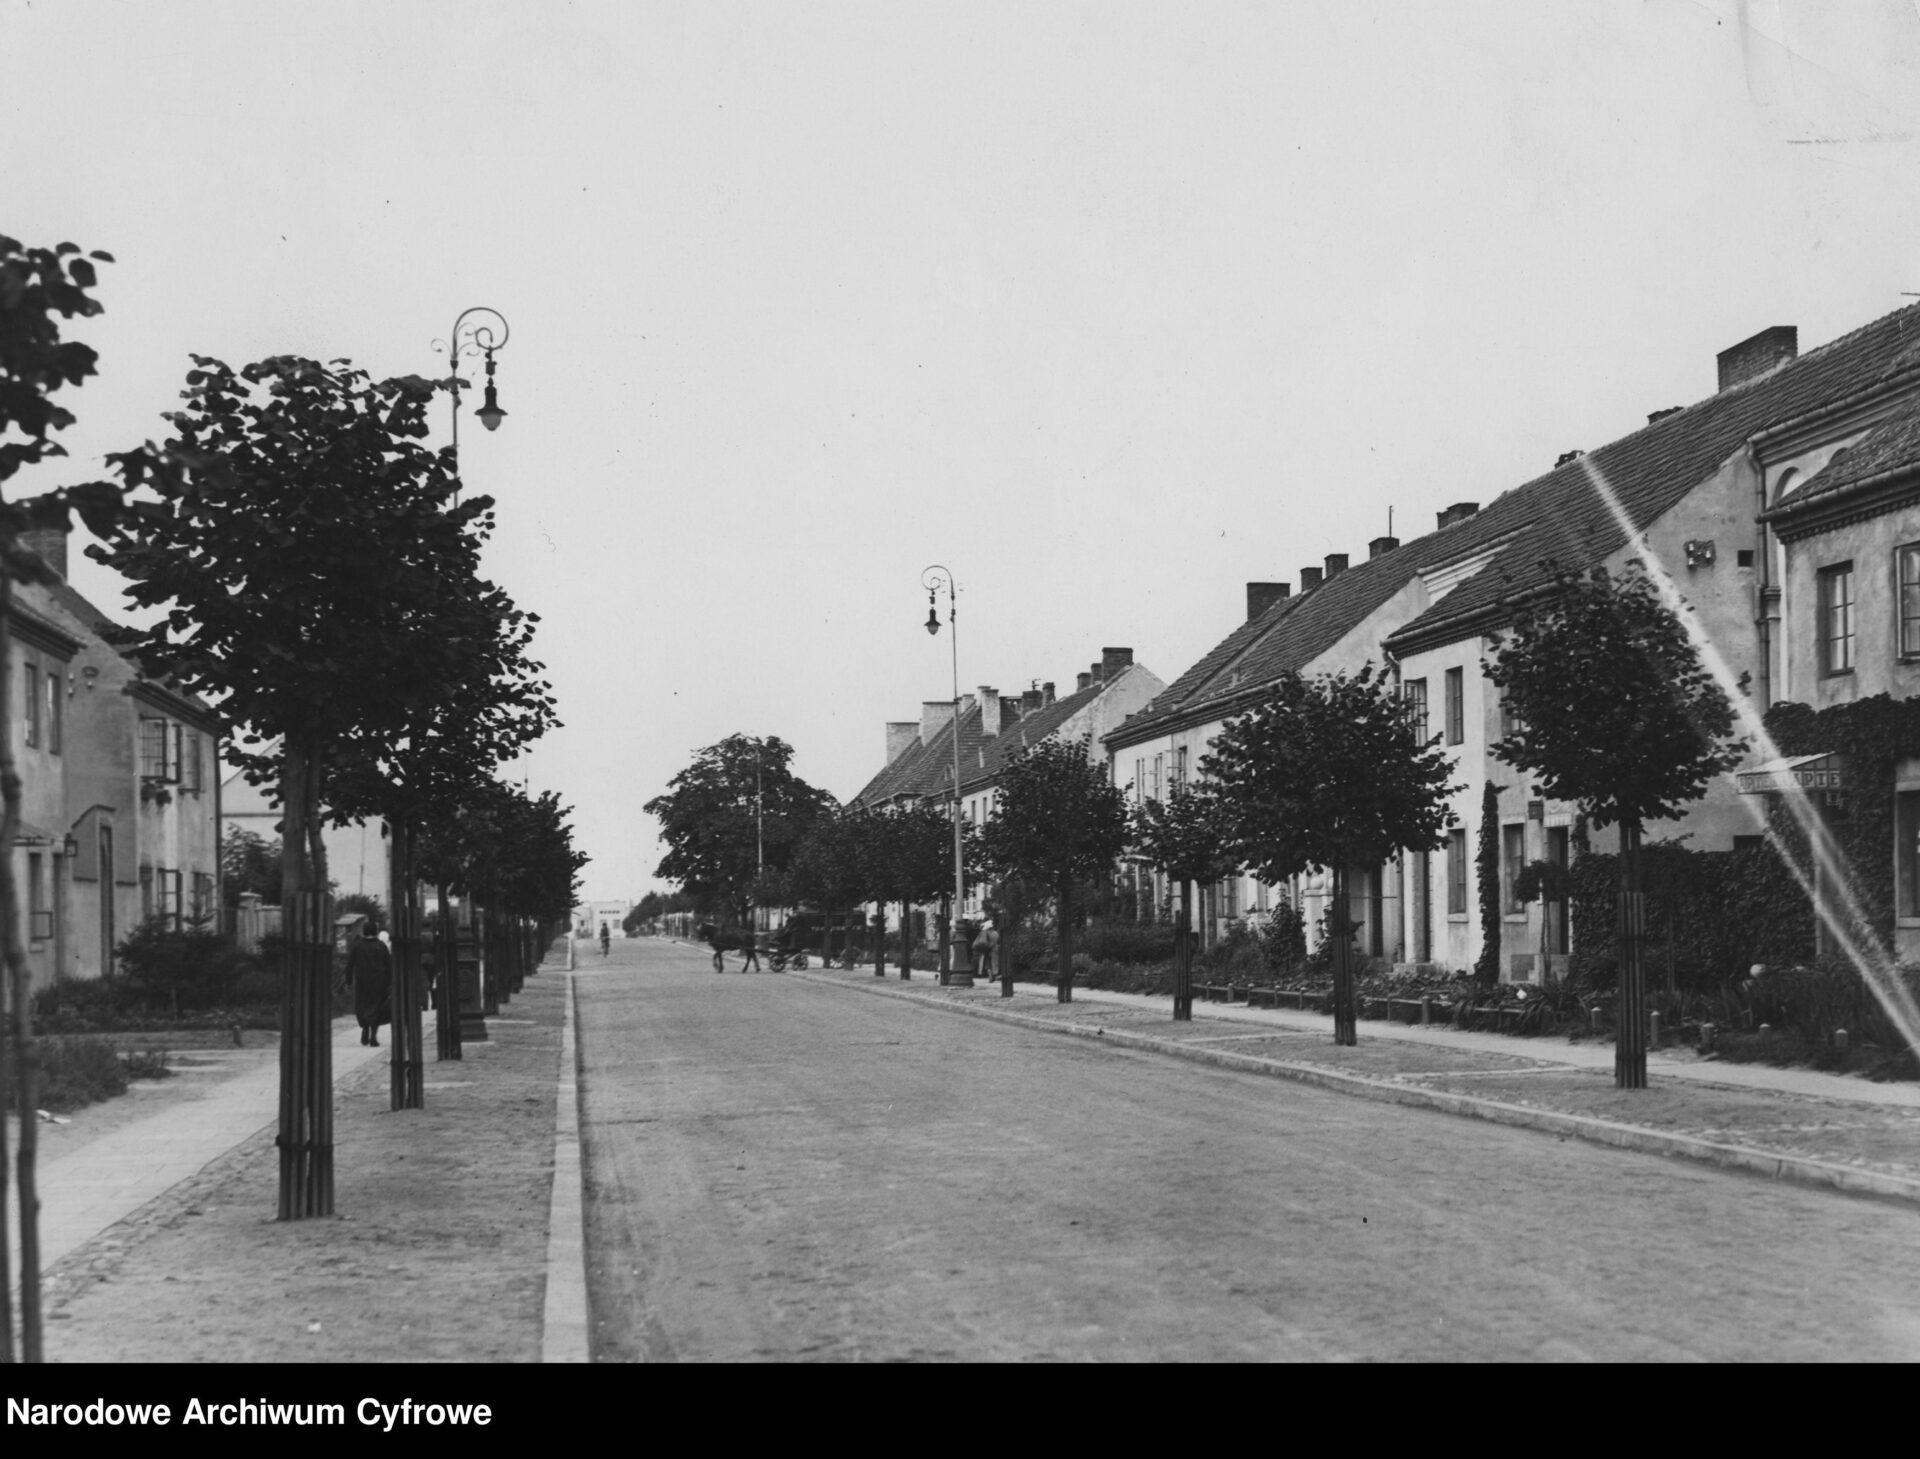 Czarno białe zdjęcie archiwalne. Pusta ulica, wzdłuż niej drzewa ilatarnie orazchodnik dla pieszych. Przy chodniku poobu stronach niska zabudowa jednorodzinna.